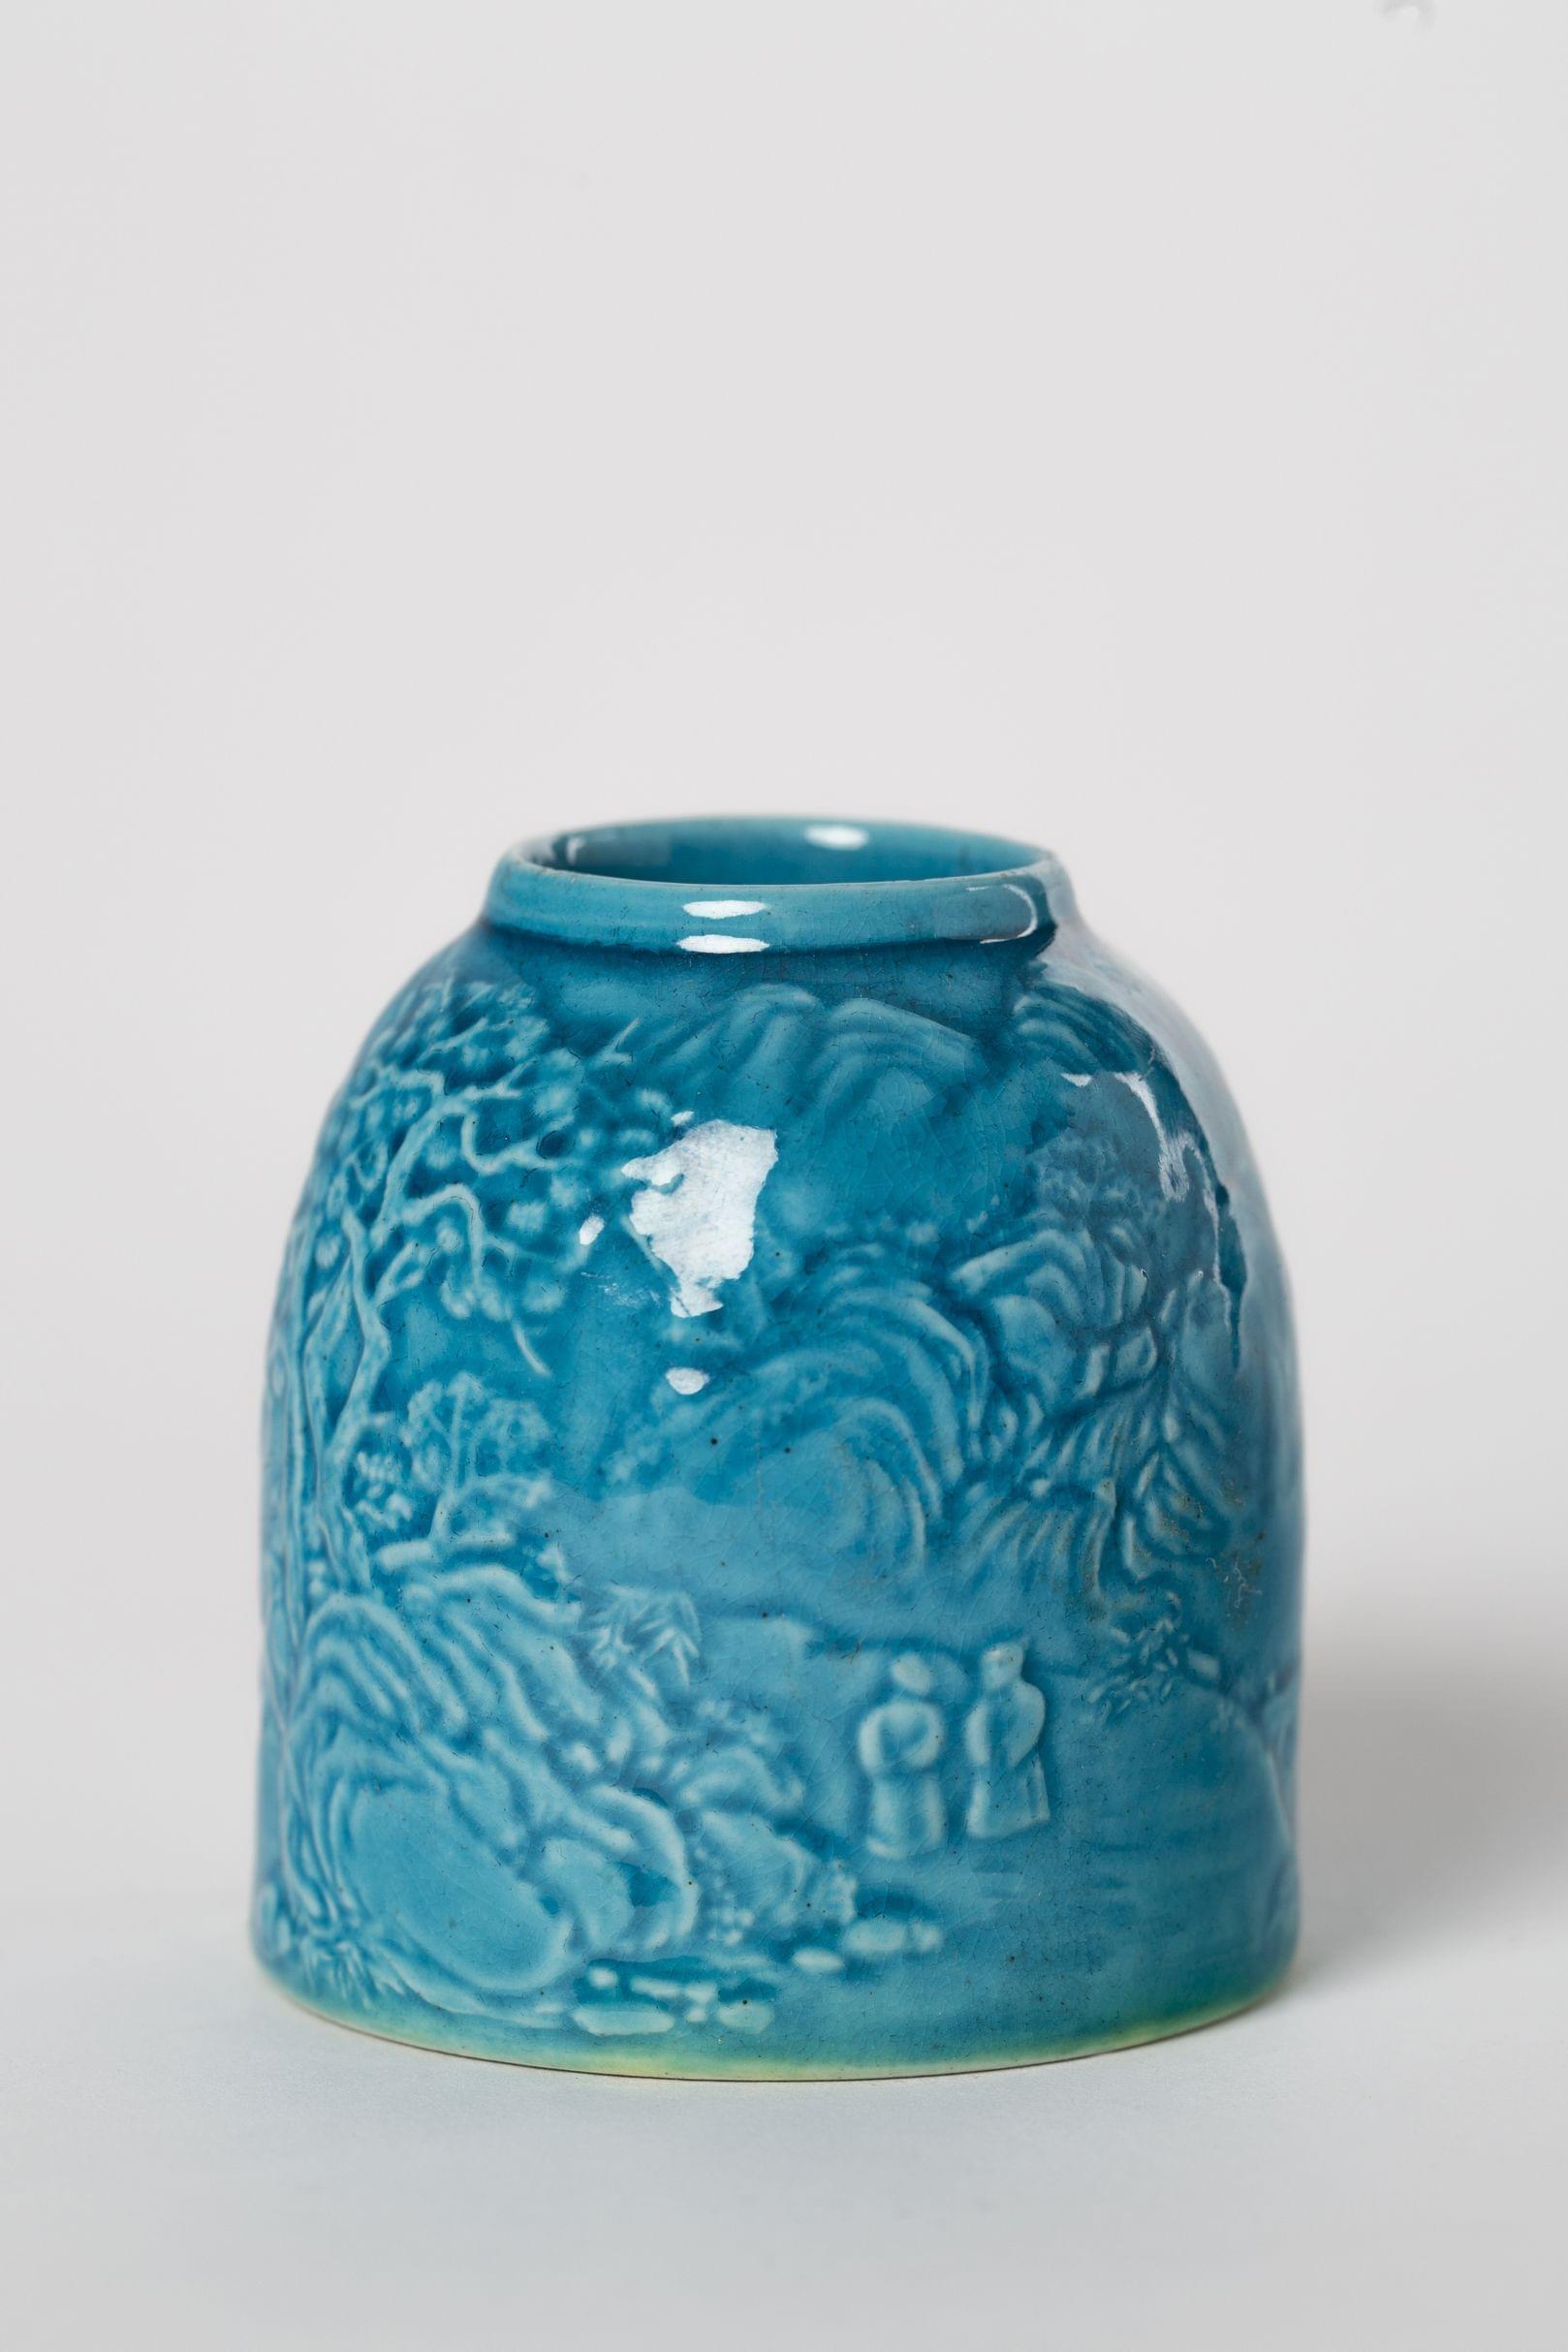 Rince-pinceaux, Chine, fin XIXe-début XXe s